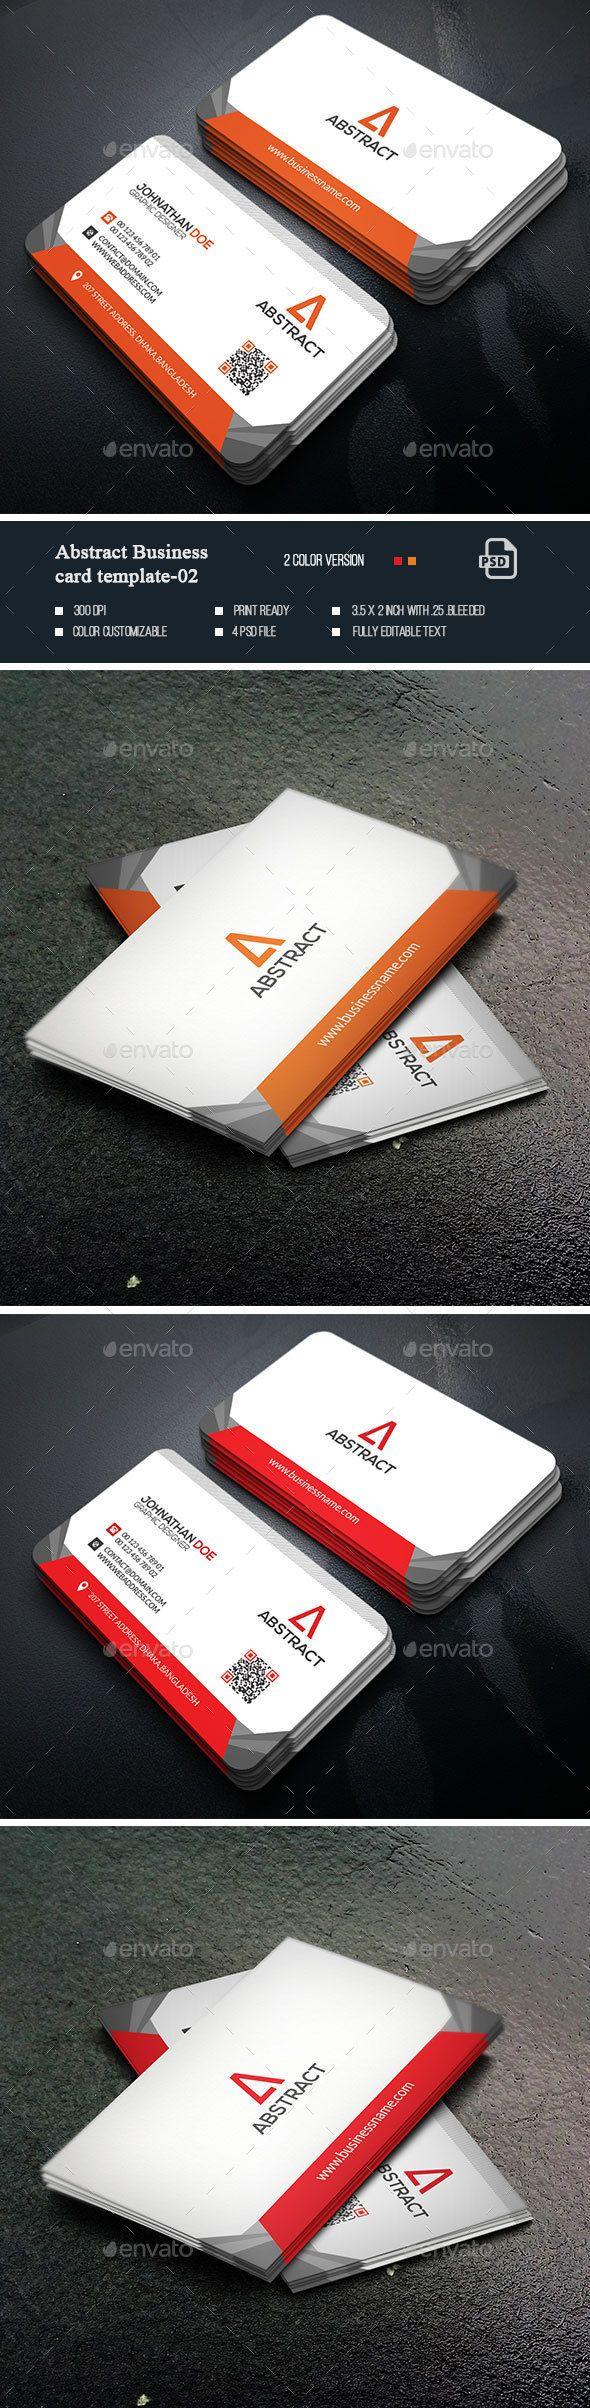 Abstract Business Card Templates-02   Tarjetas de presentación y ...